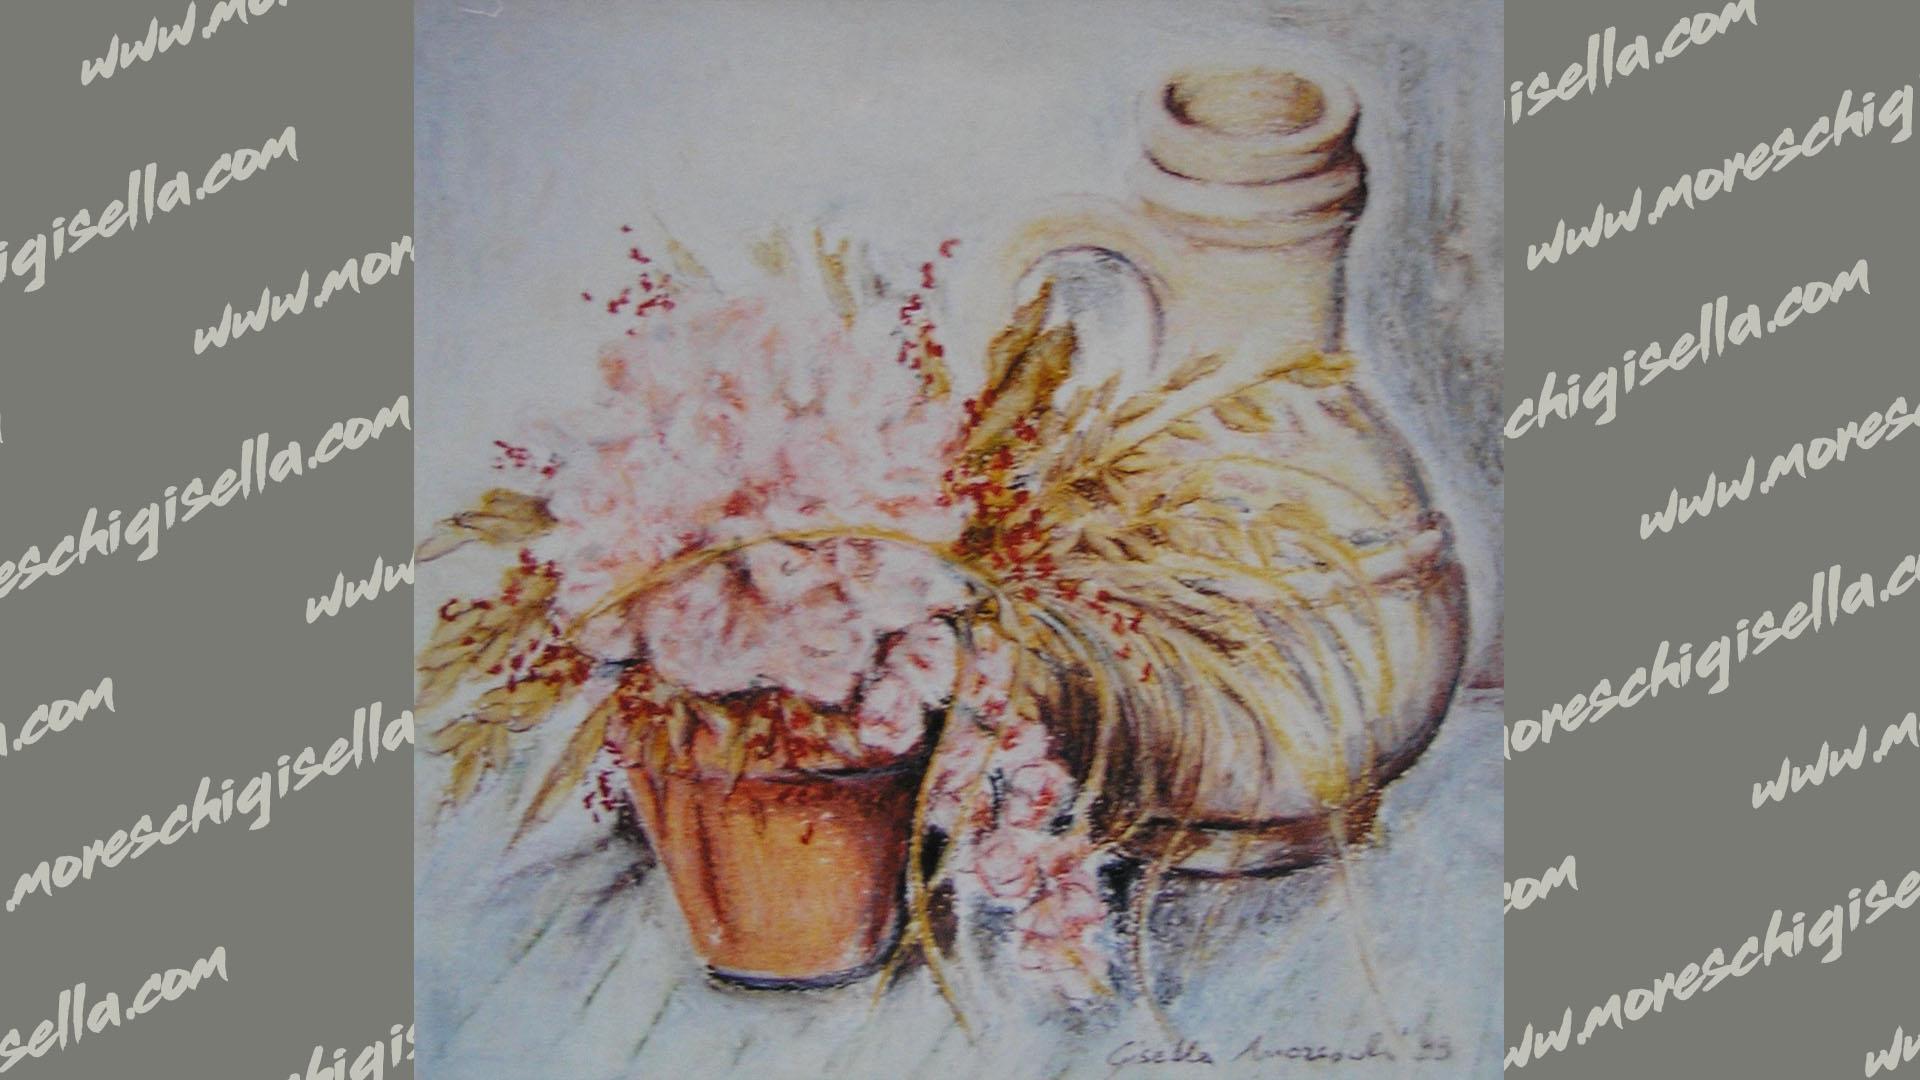 anfora con vasetto di fiori secchi